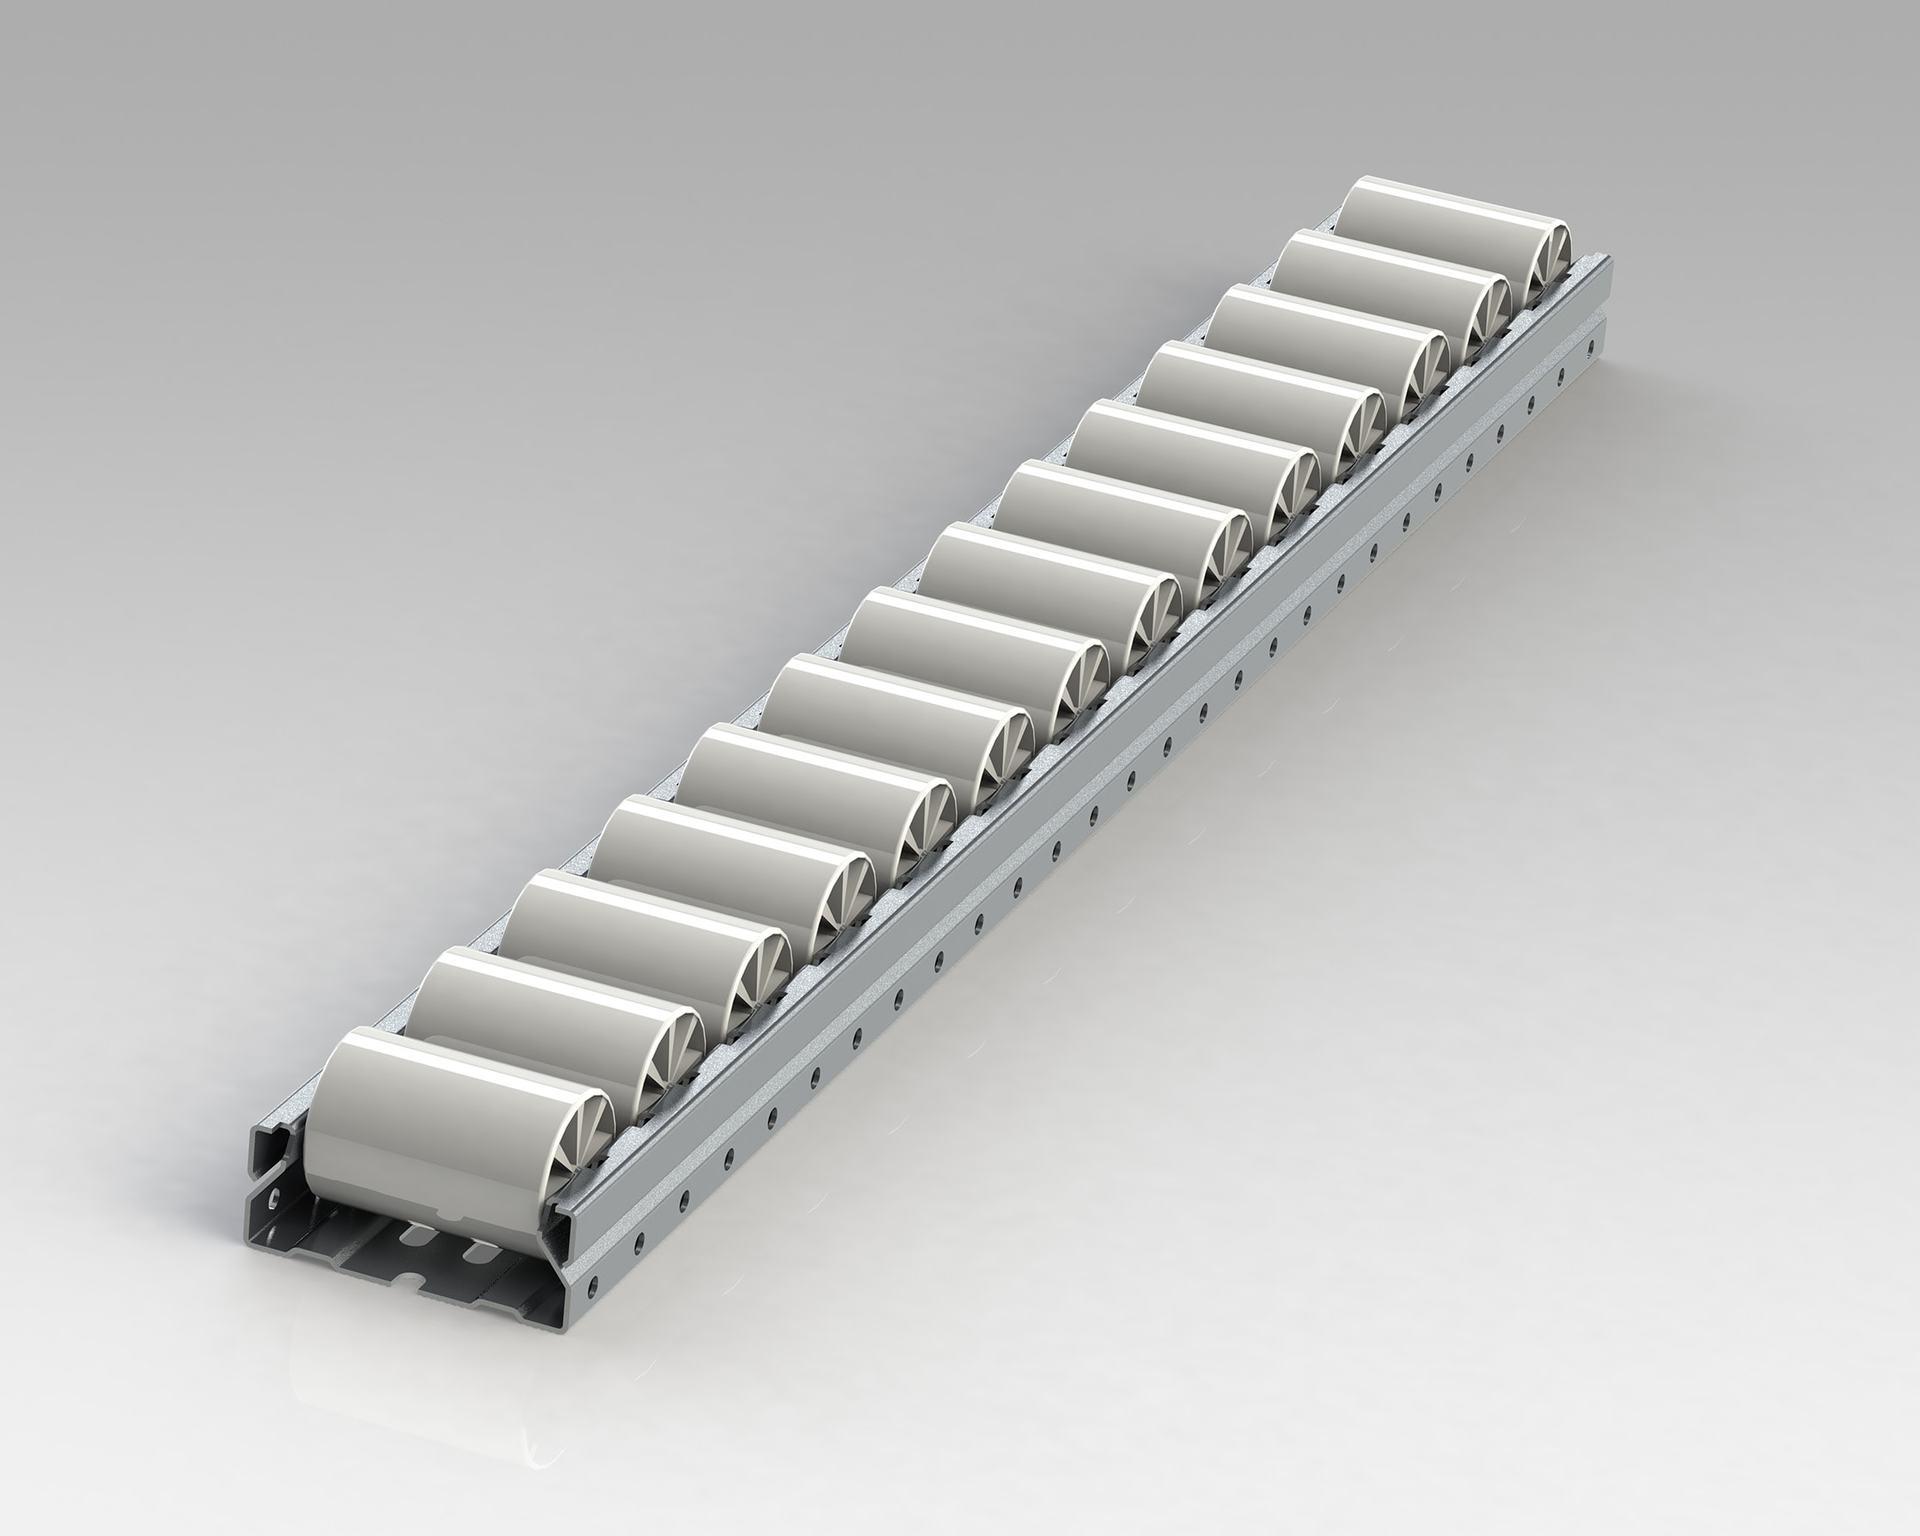 PEK3 Easytube Roller Tracks RT 60B